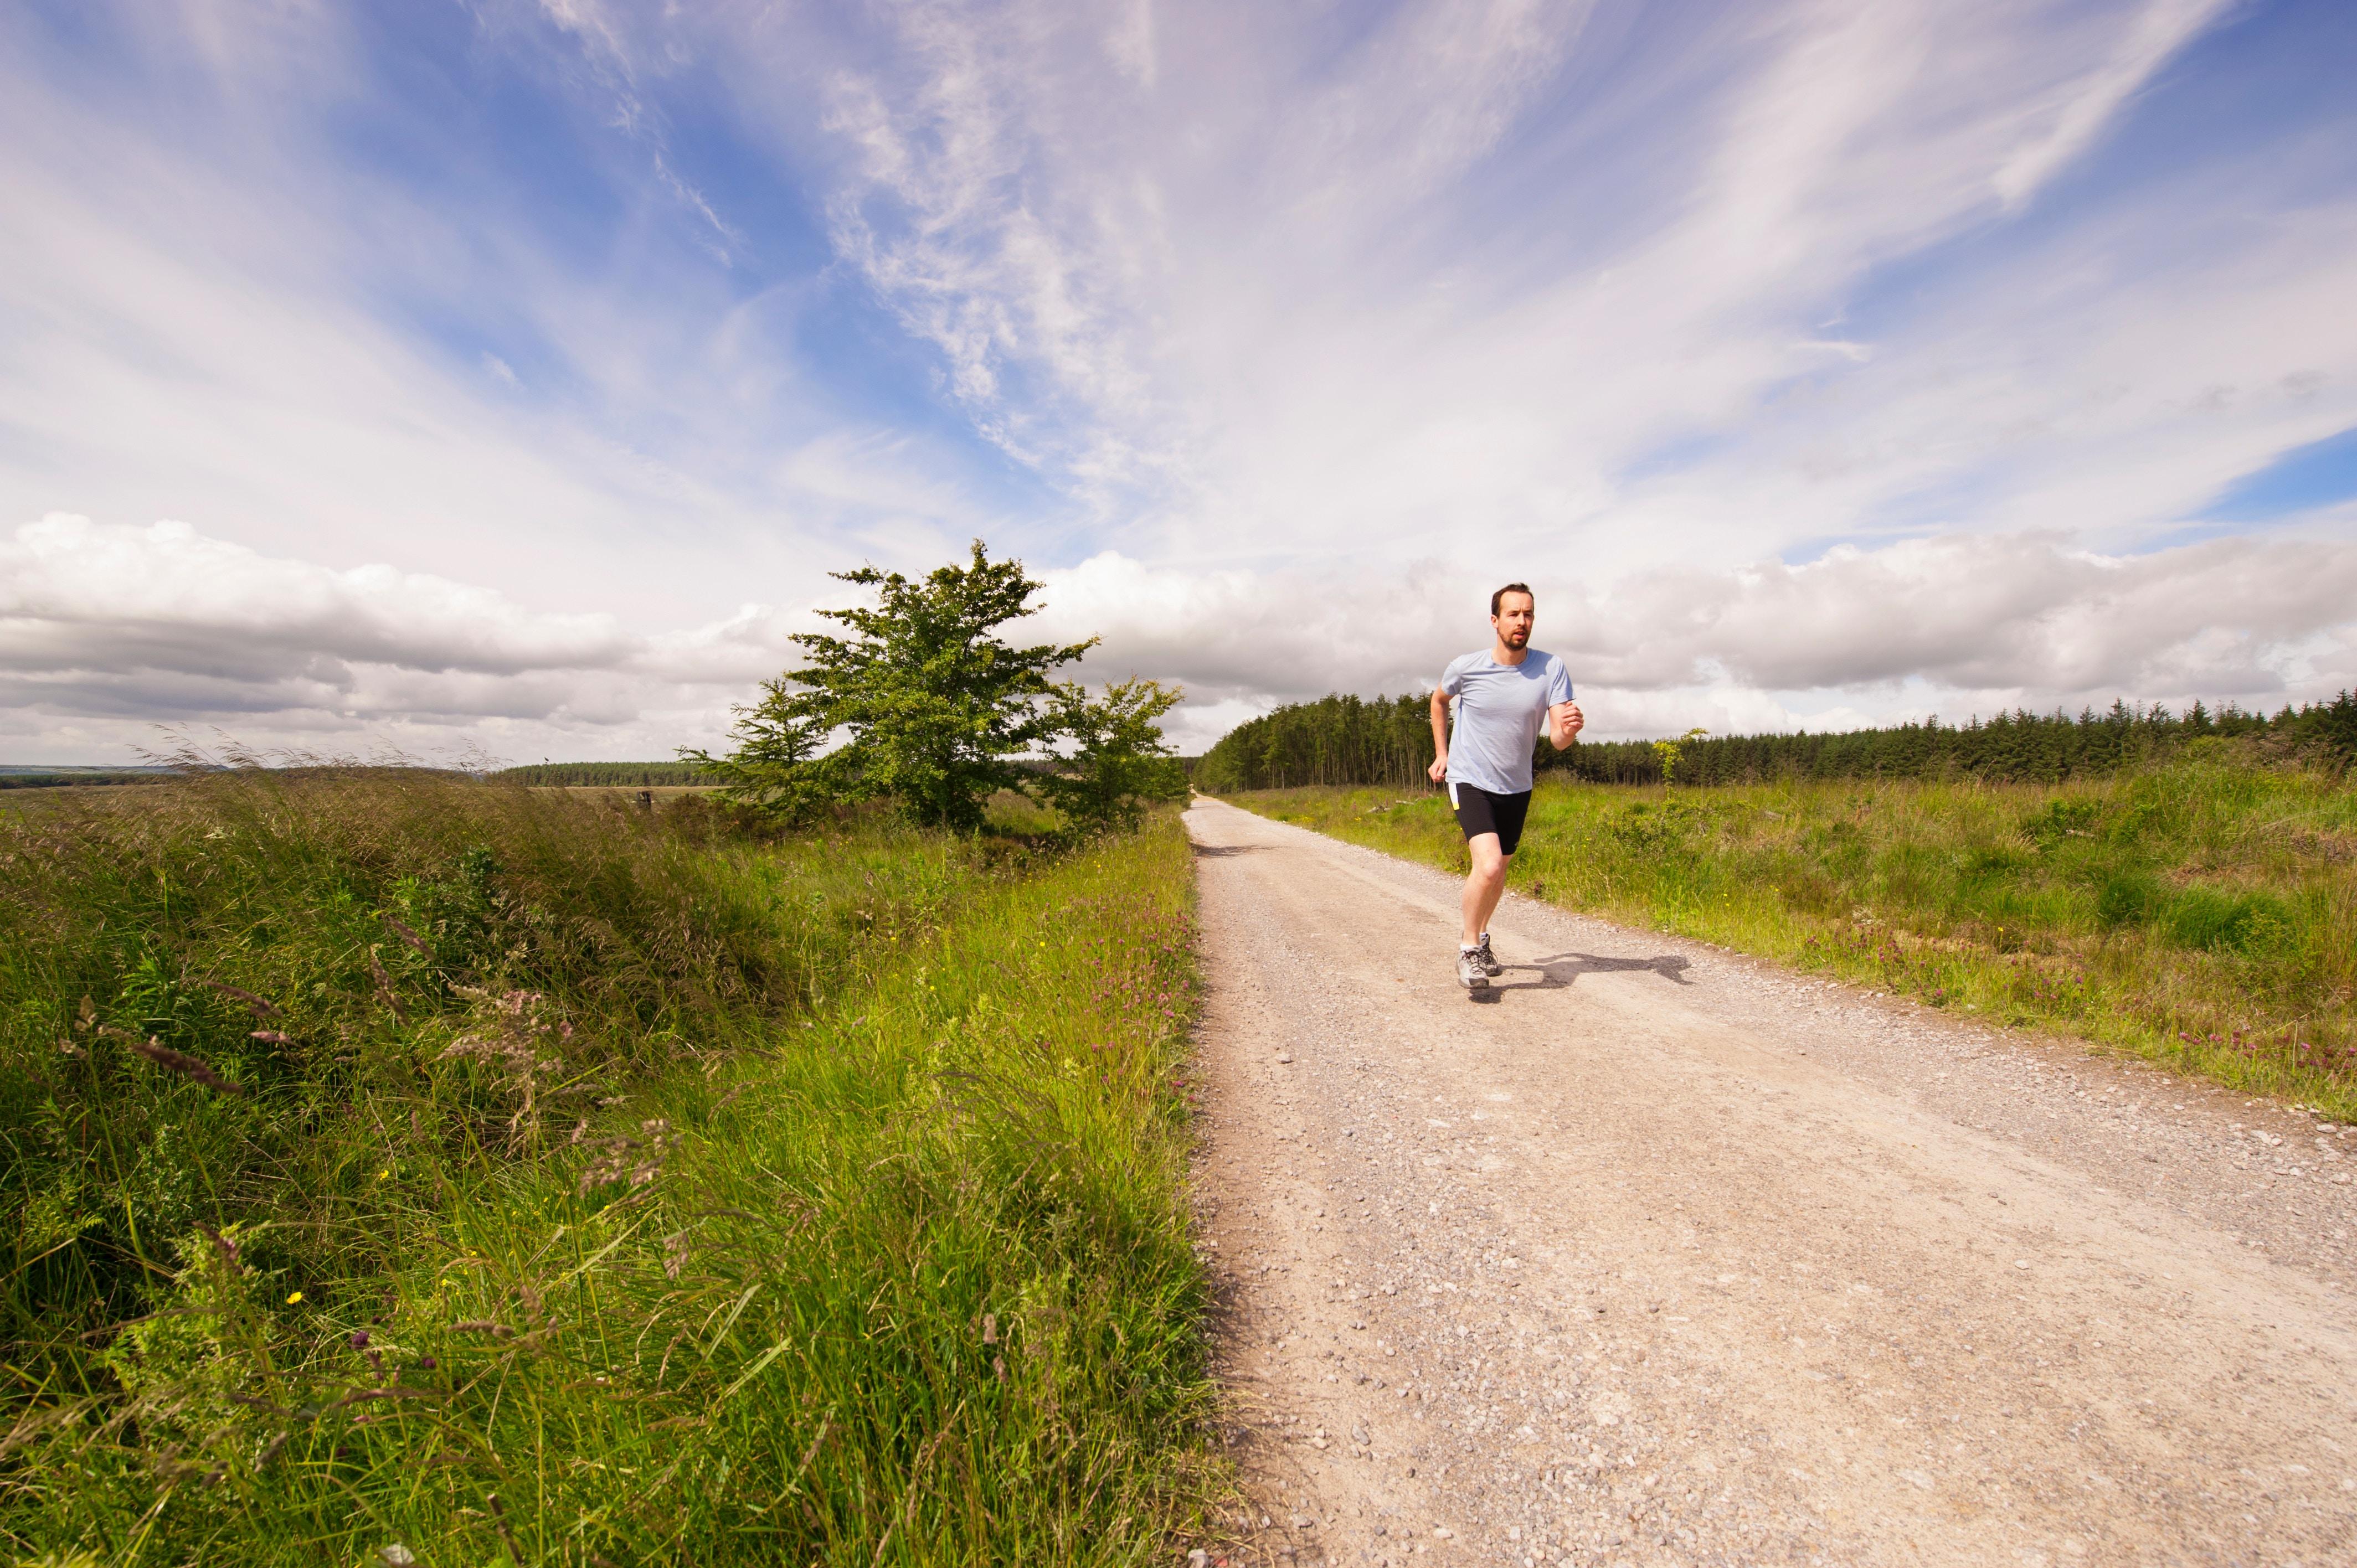 bieganie po asflacie jak wybrać dobre buty do tego typu biegania?